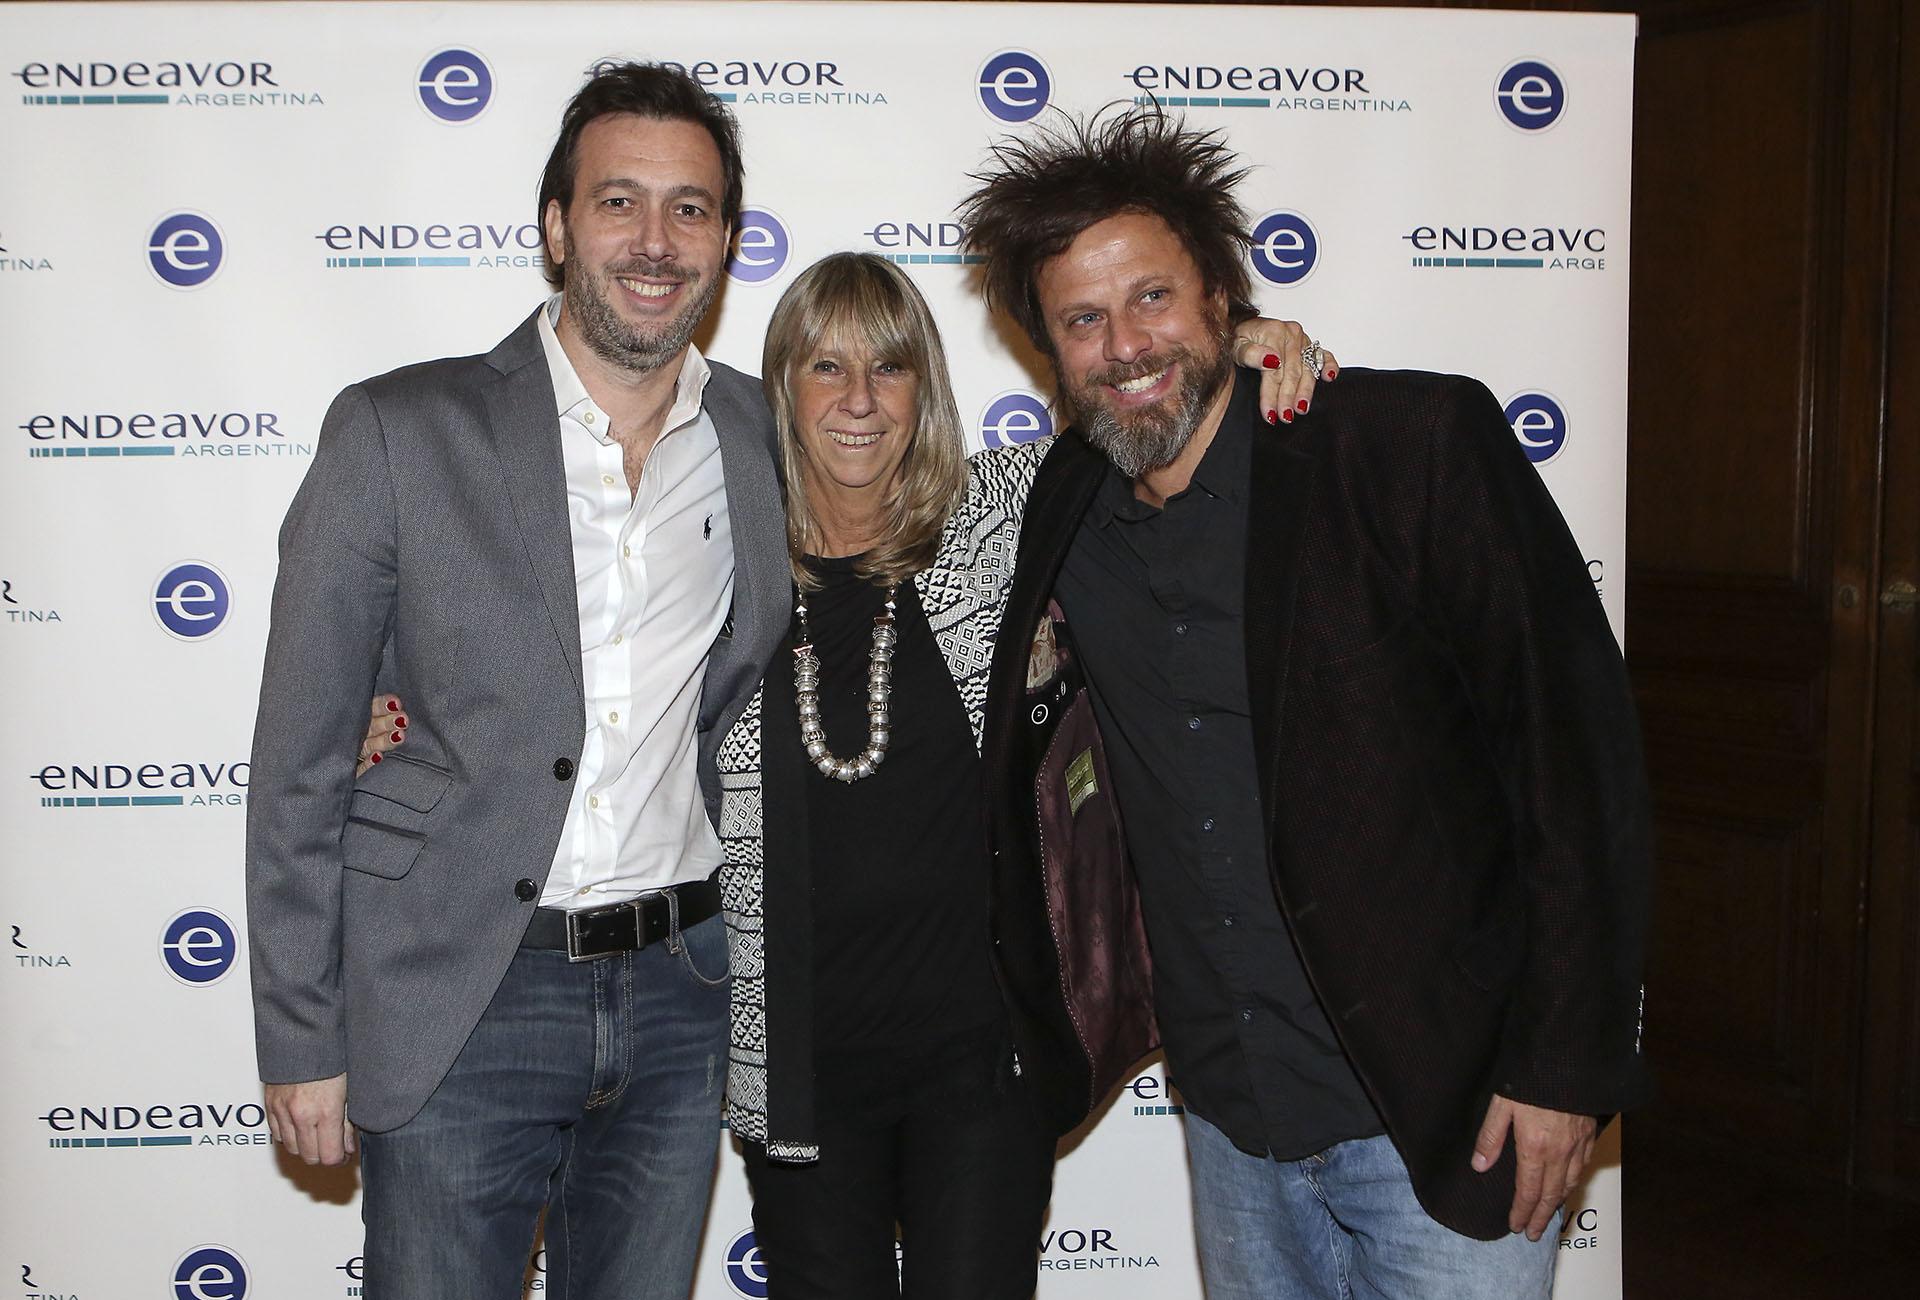 Esteban Wolf (Chocorísimo), Silvia Torres Carbonell y Luciano Nicora